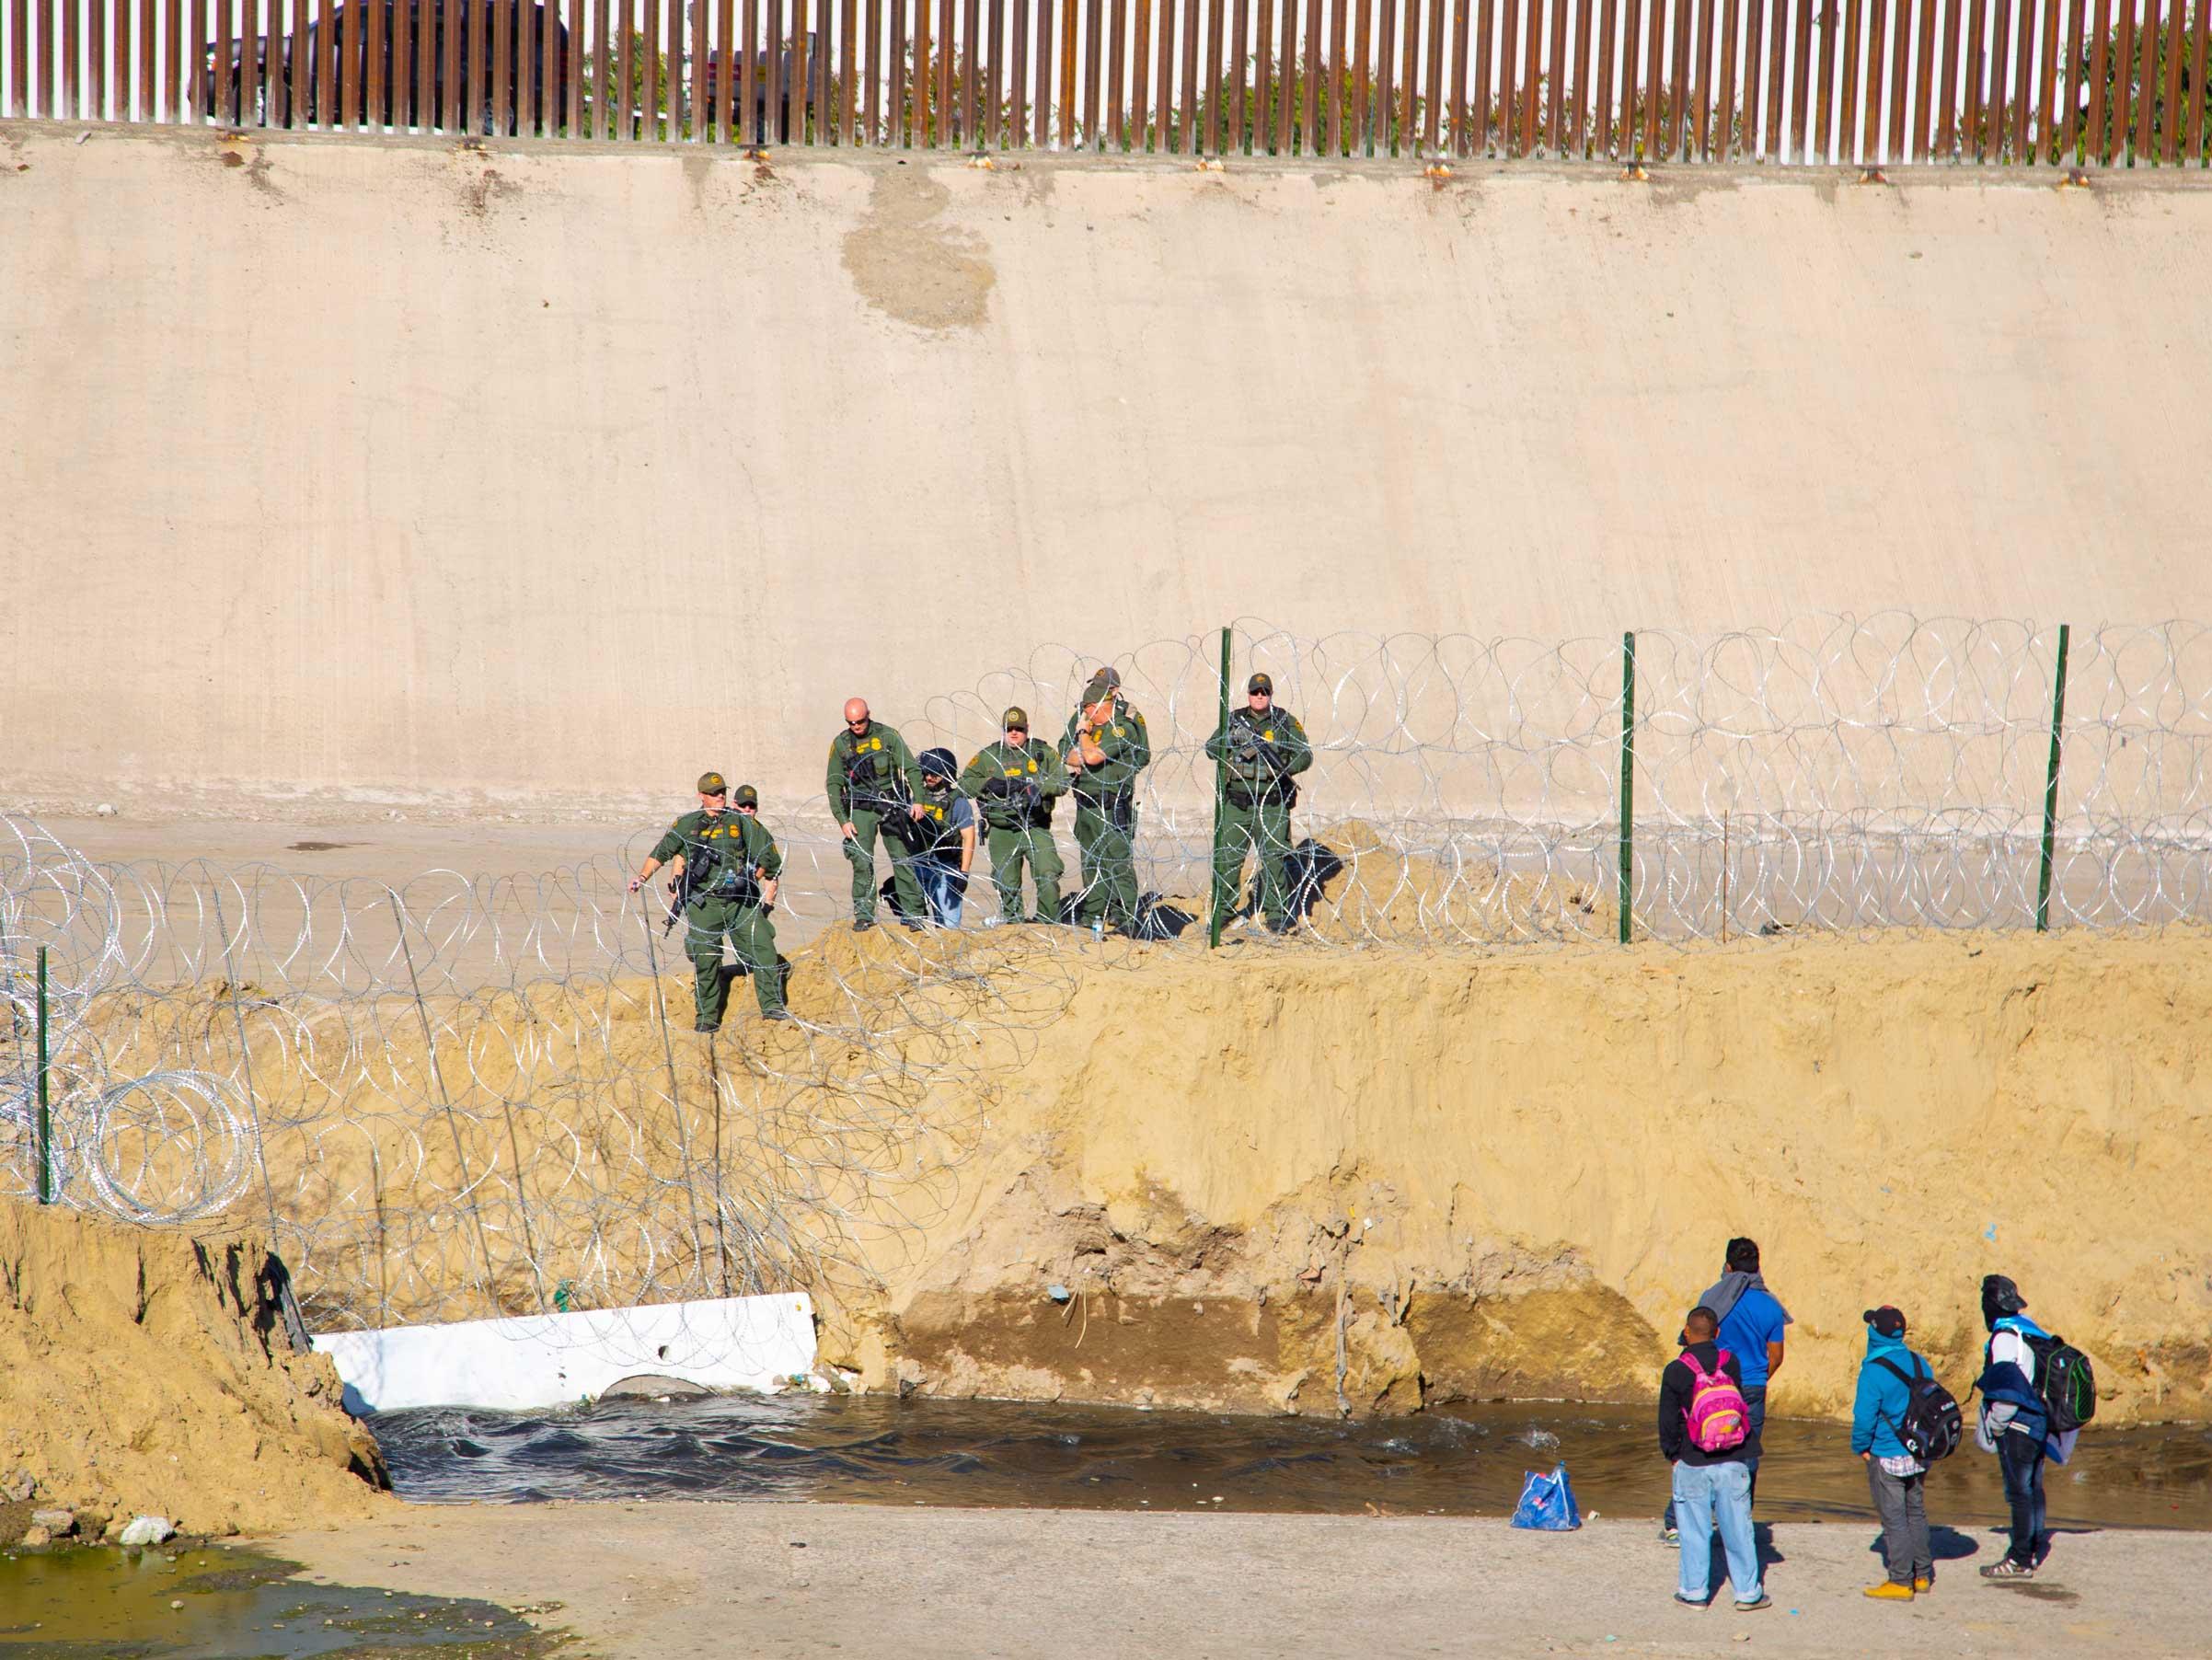 New Responses to Humanitarian Migrations: A Transatlantic Conversation